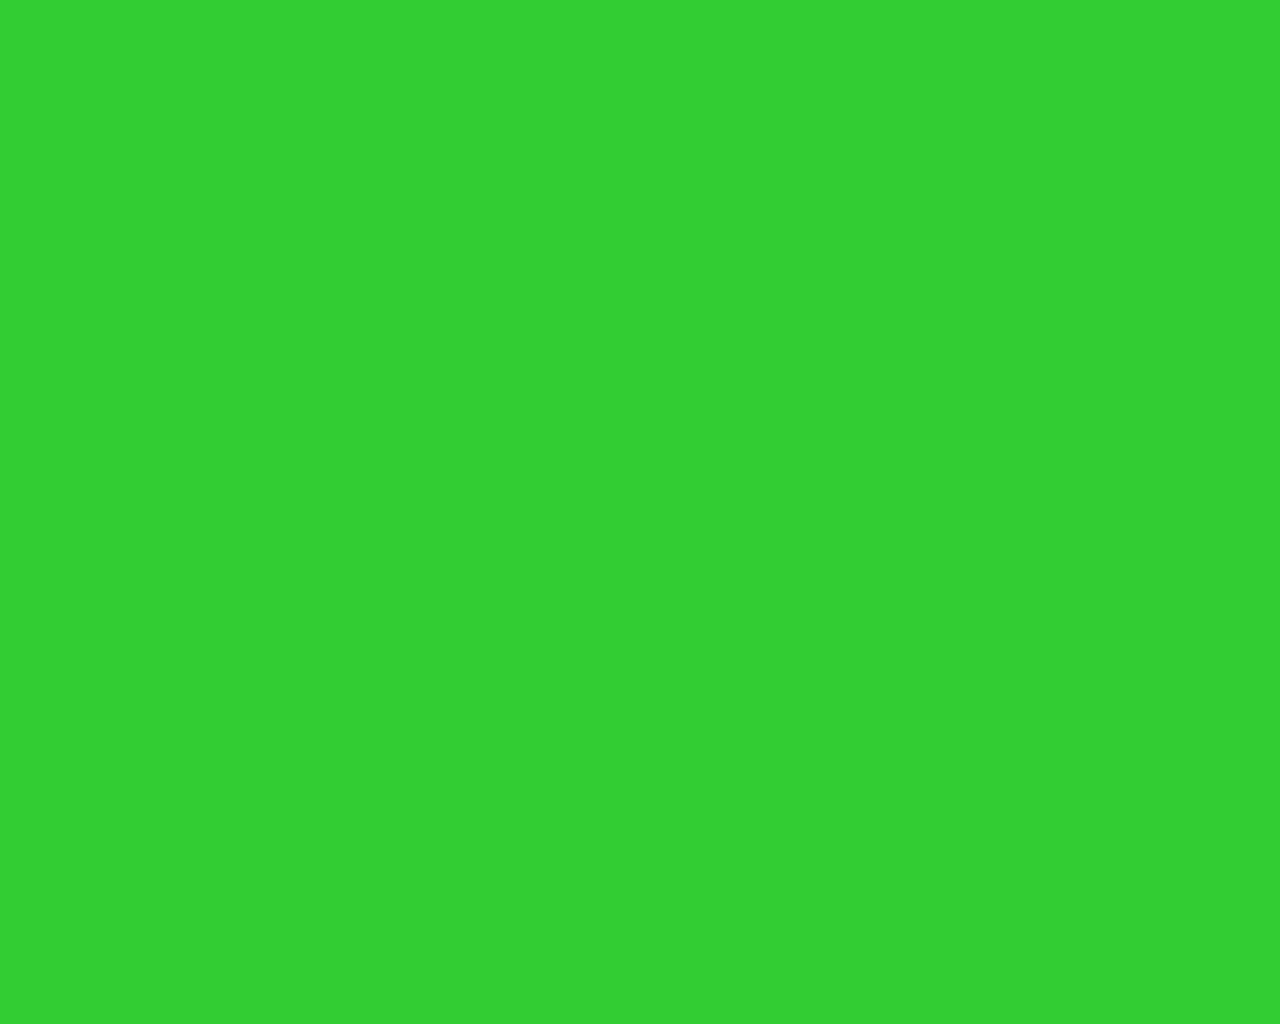 Bright Green Wallpaper